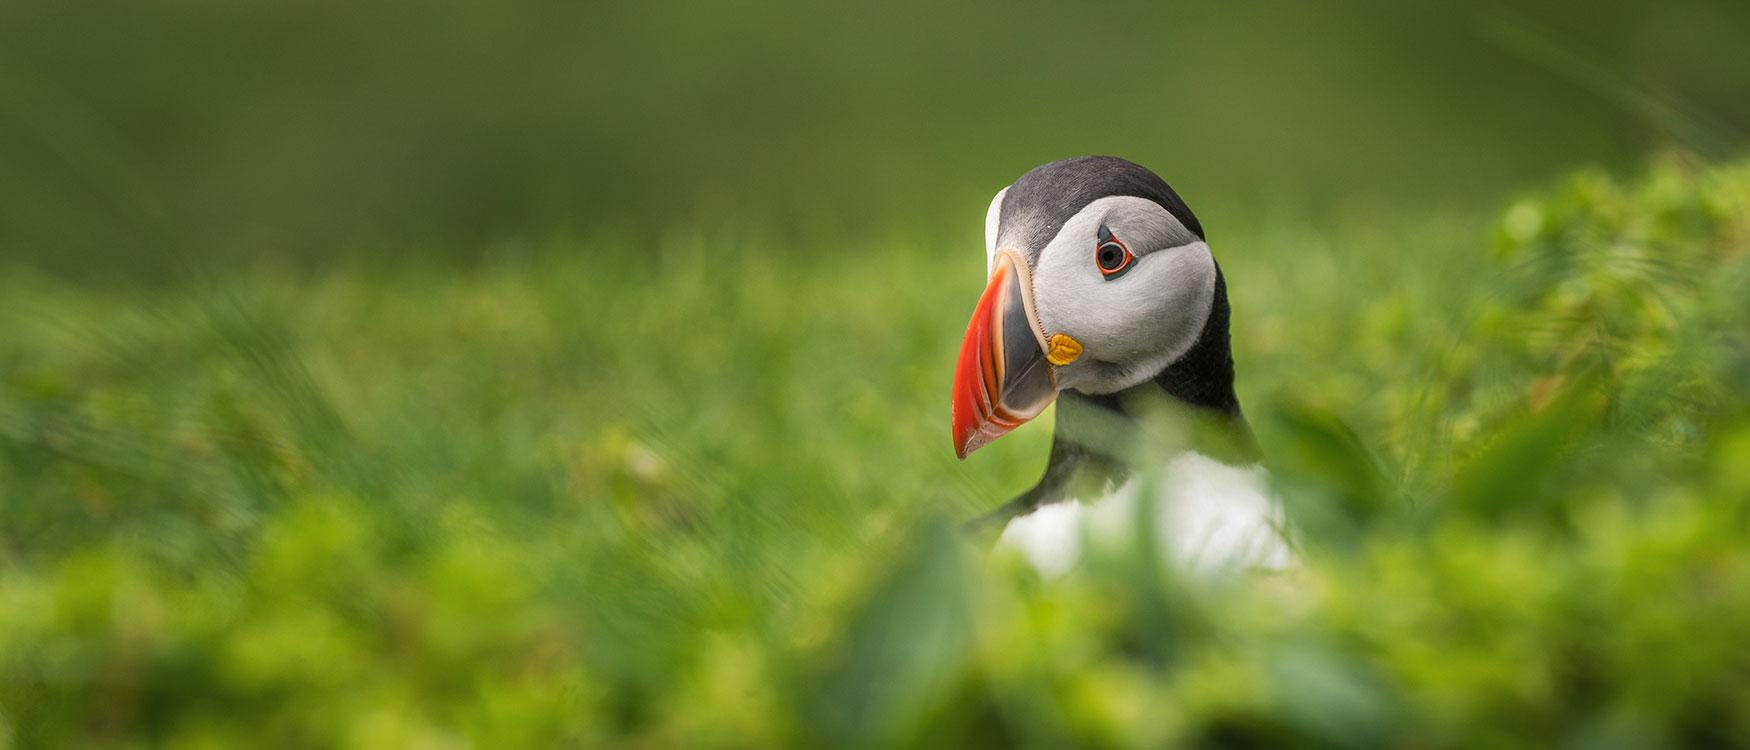 Sehenswürdigkeiten Insel Mykenes Papageientaucher Färöer